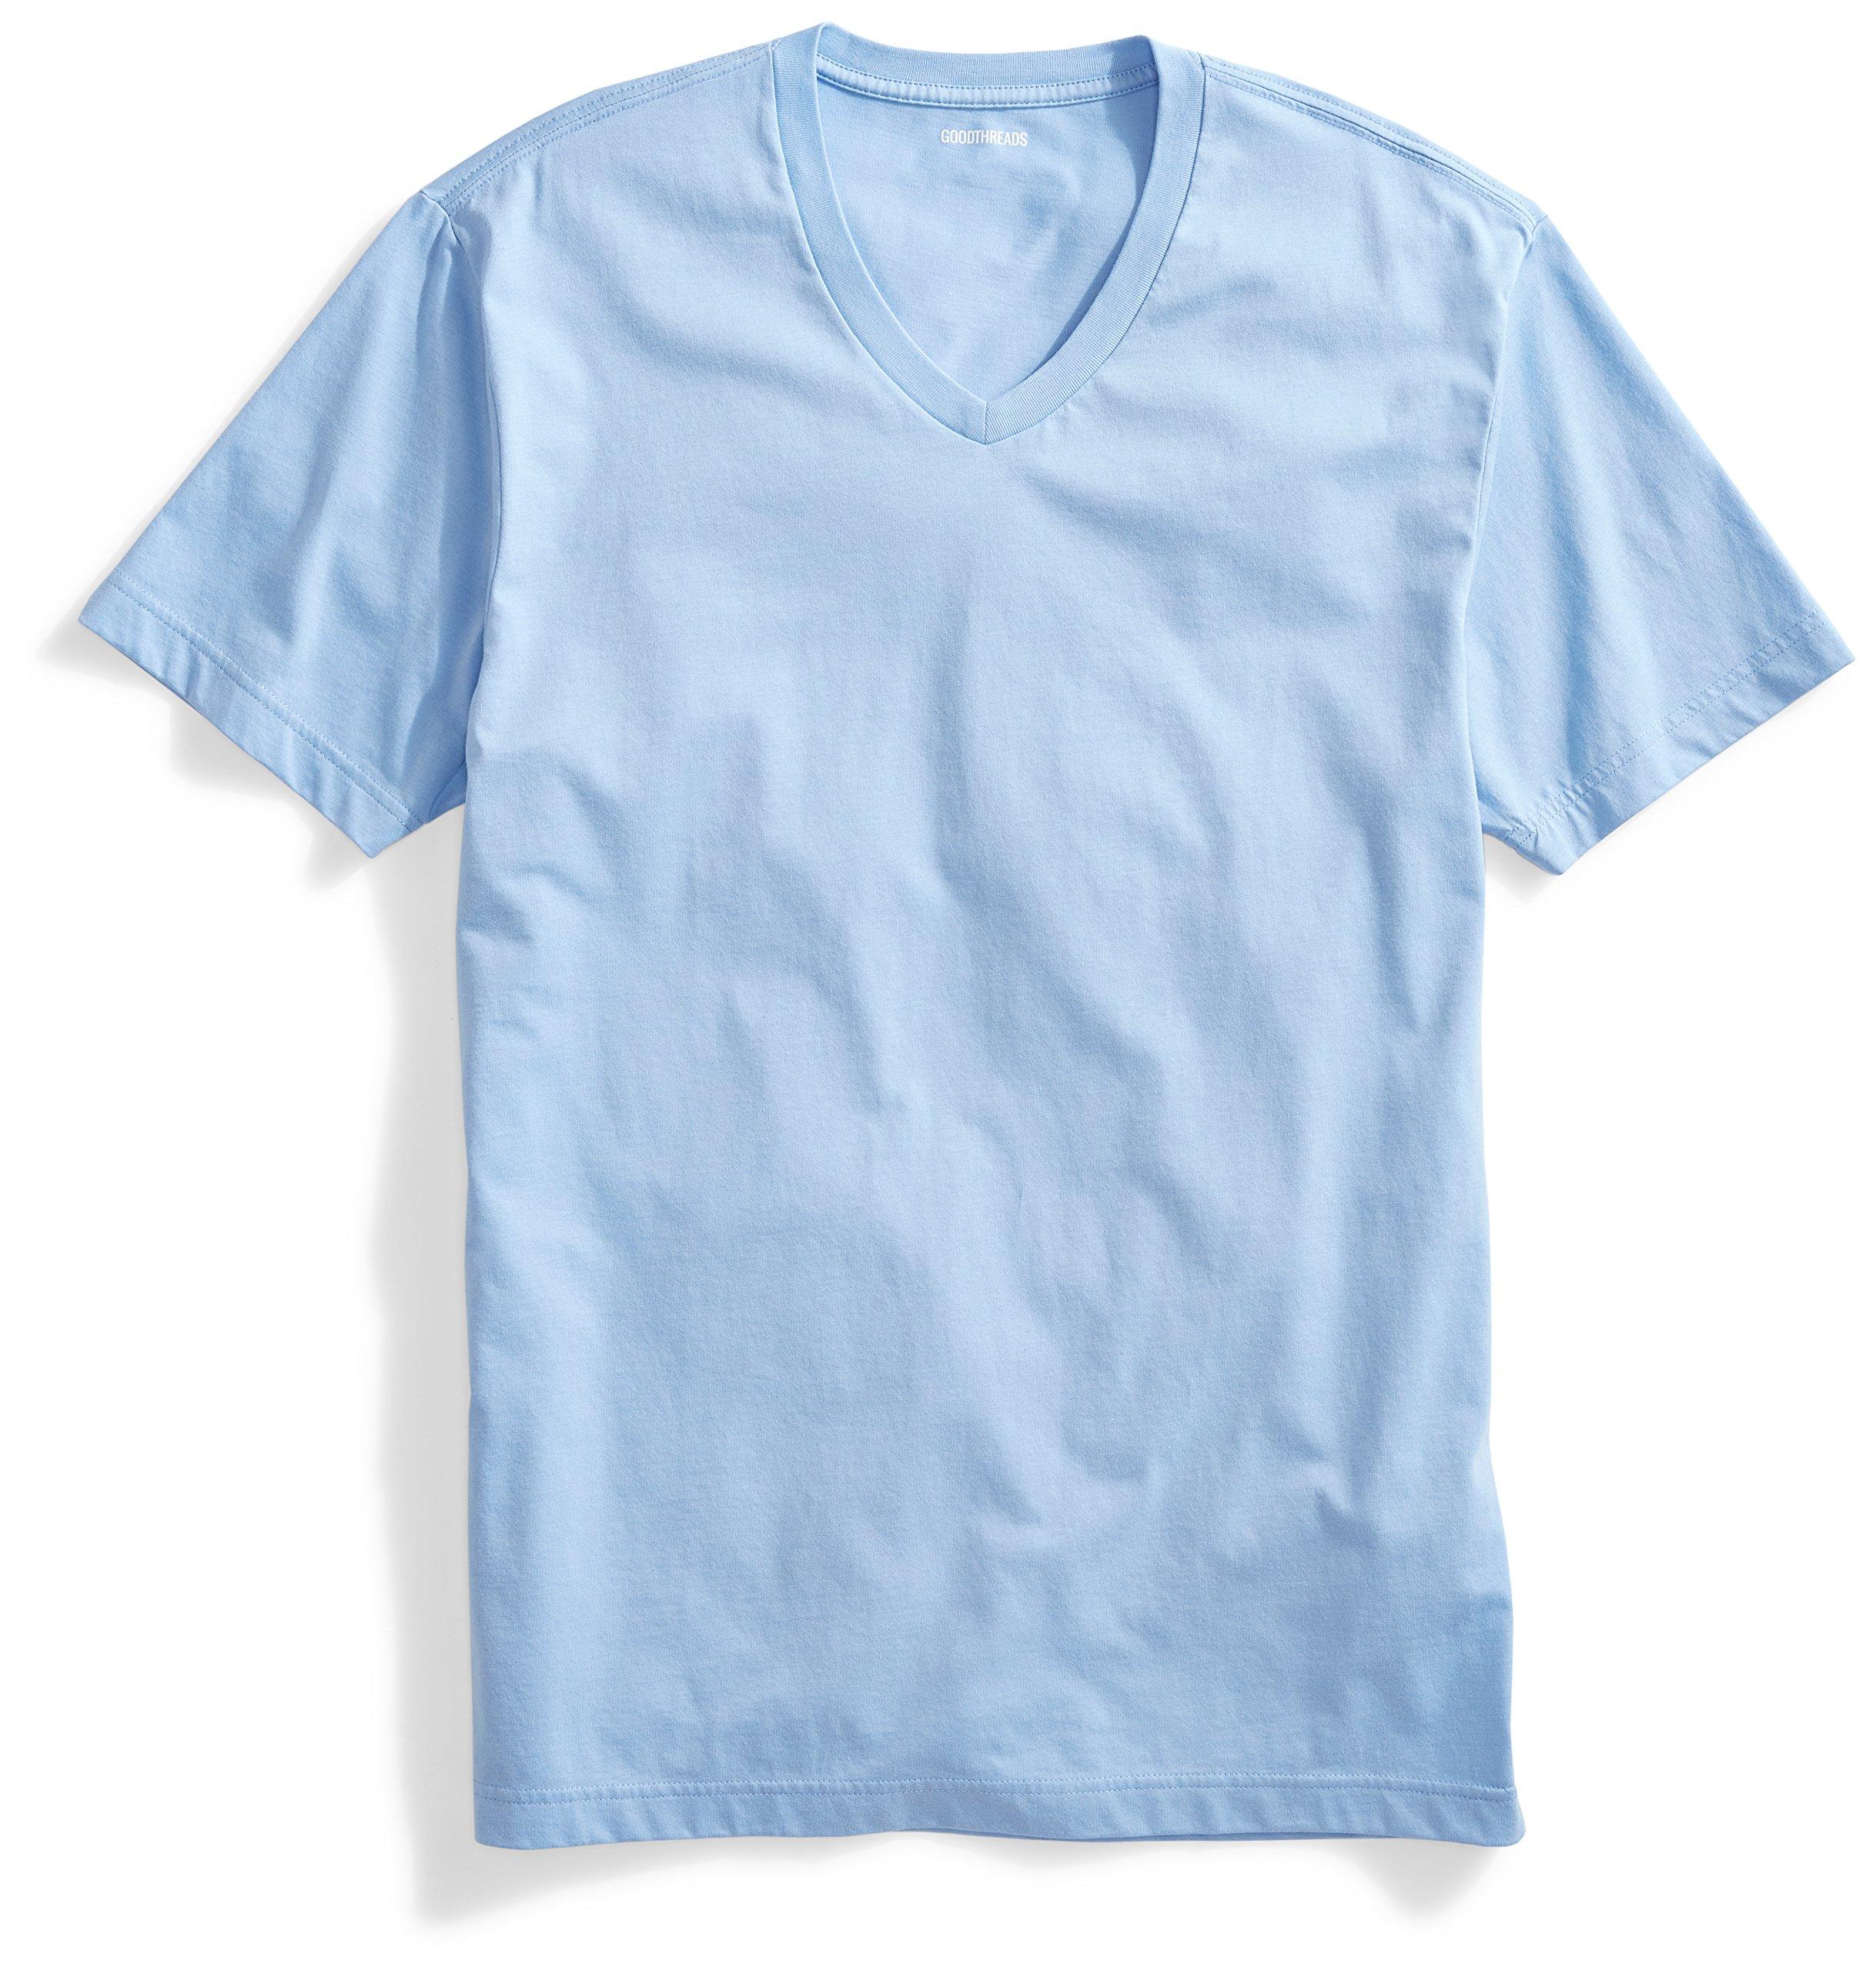 Goodthreads Men's Short-Sleeve V-Neck Cotton T-Shirt, Light Blue, Large by Goodthreads